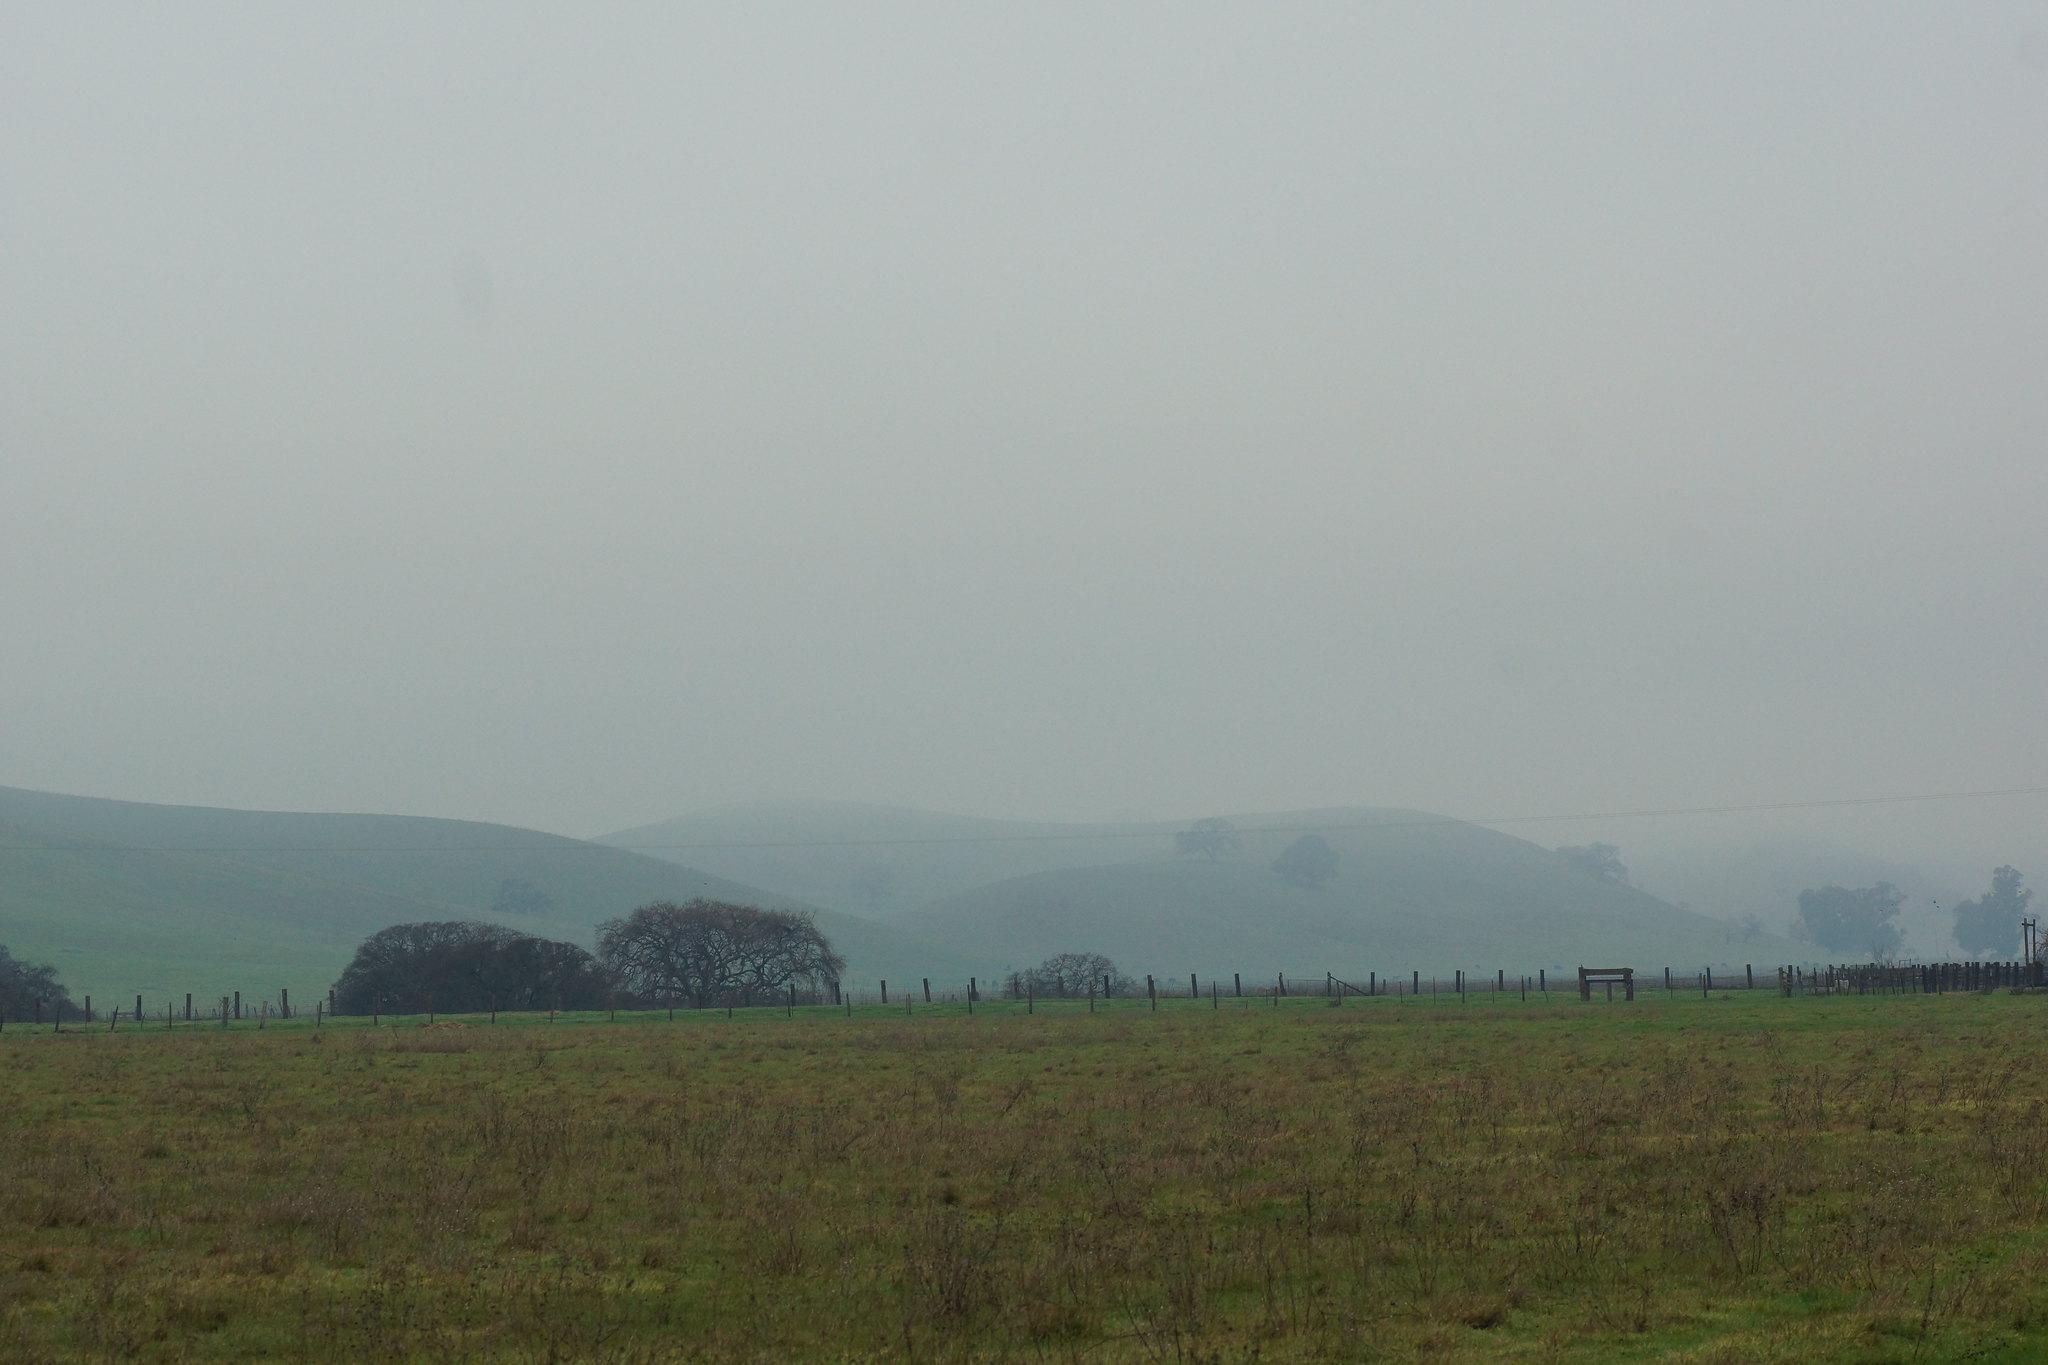 2017-01-24 Mount Diablo hiding in Fog [#1]